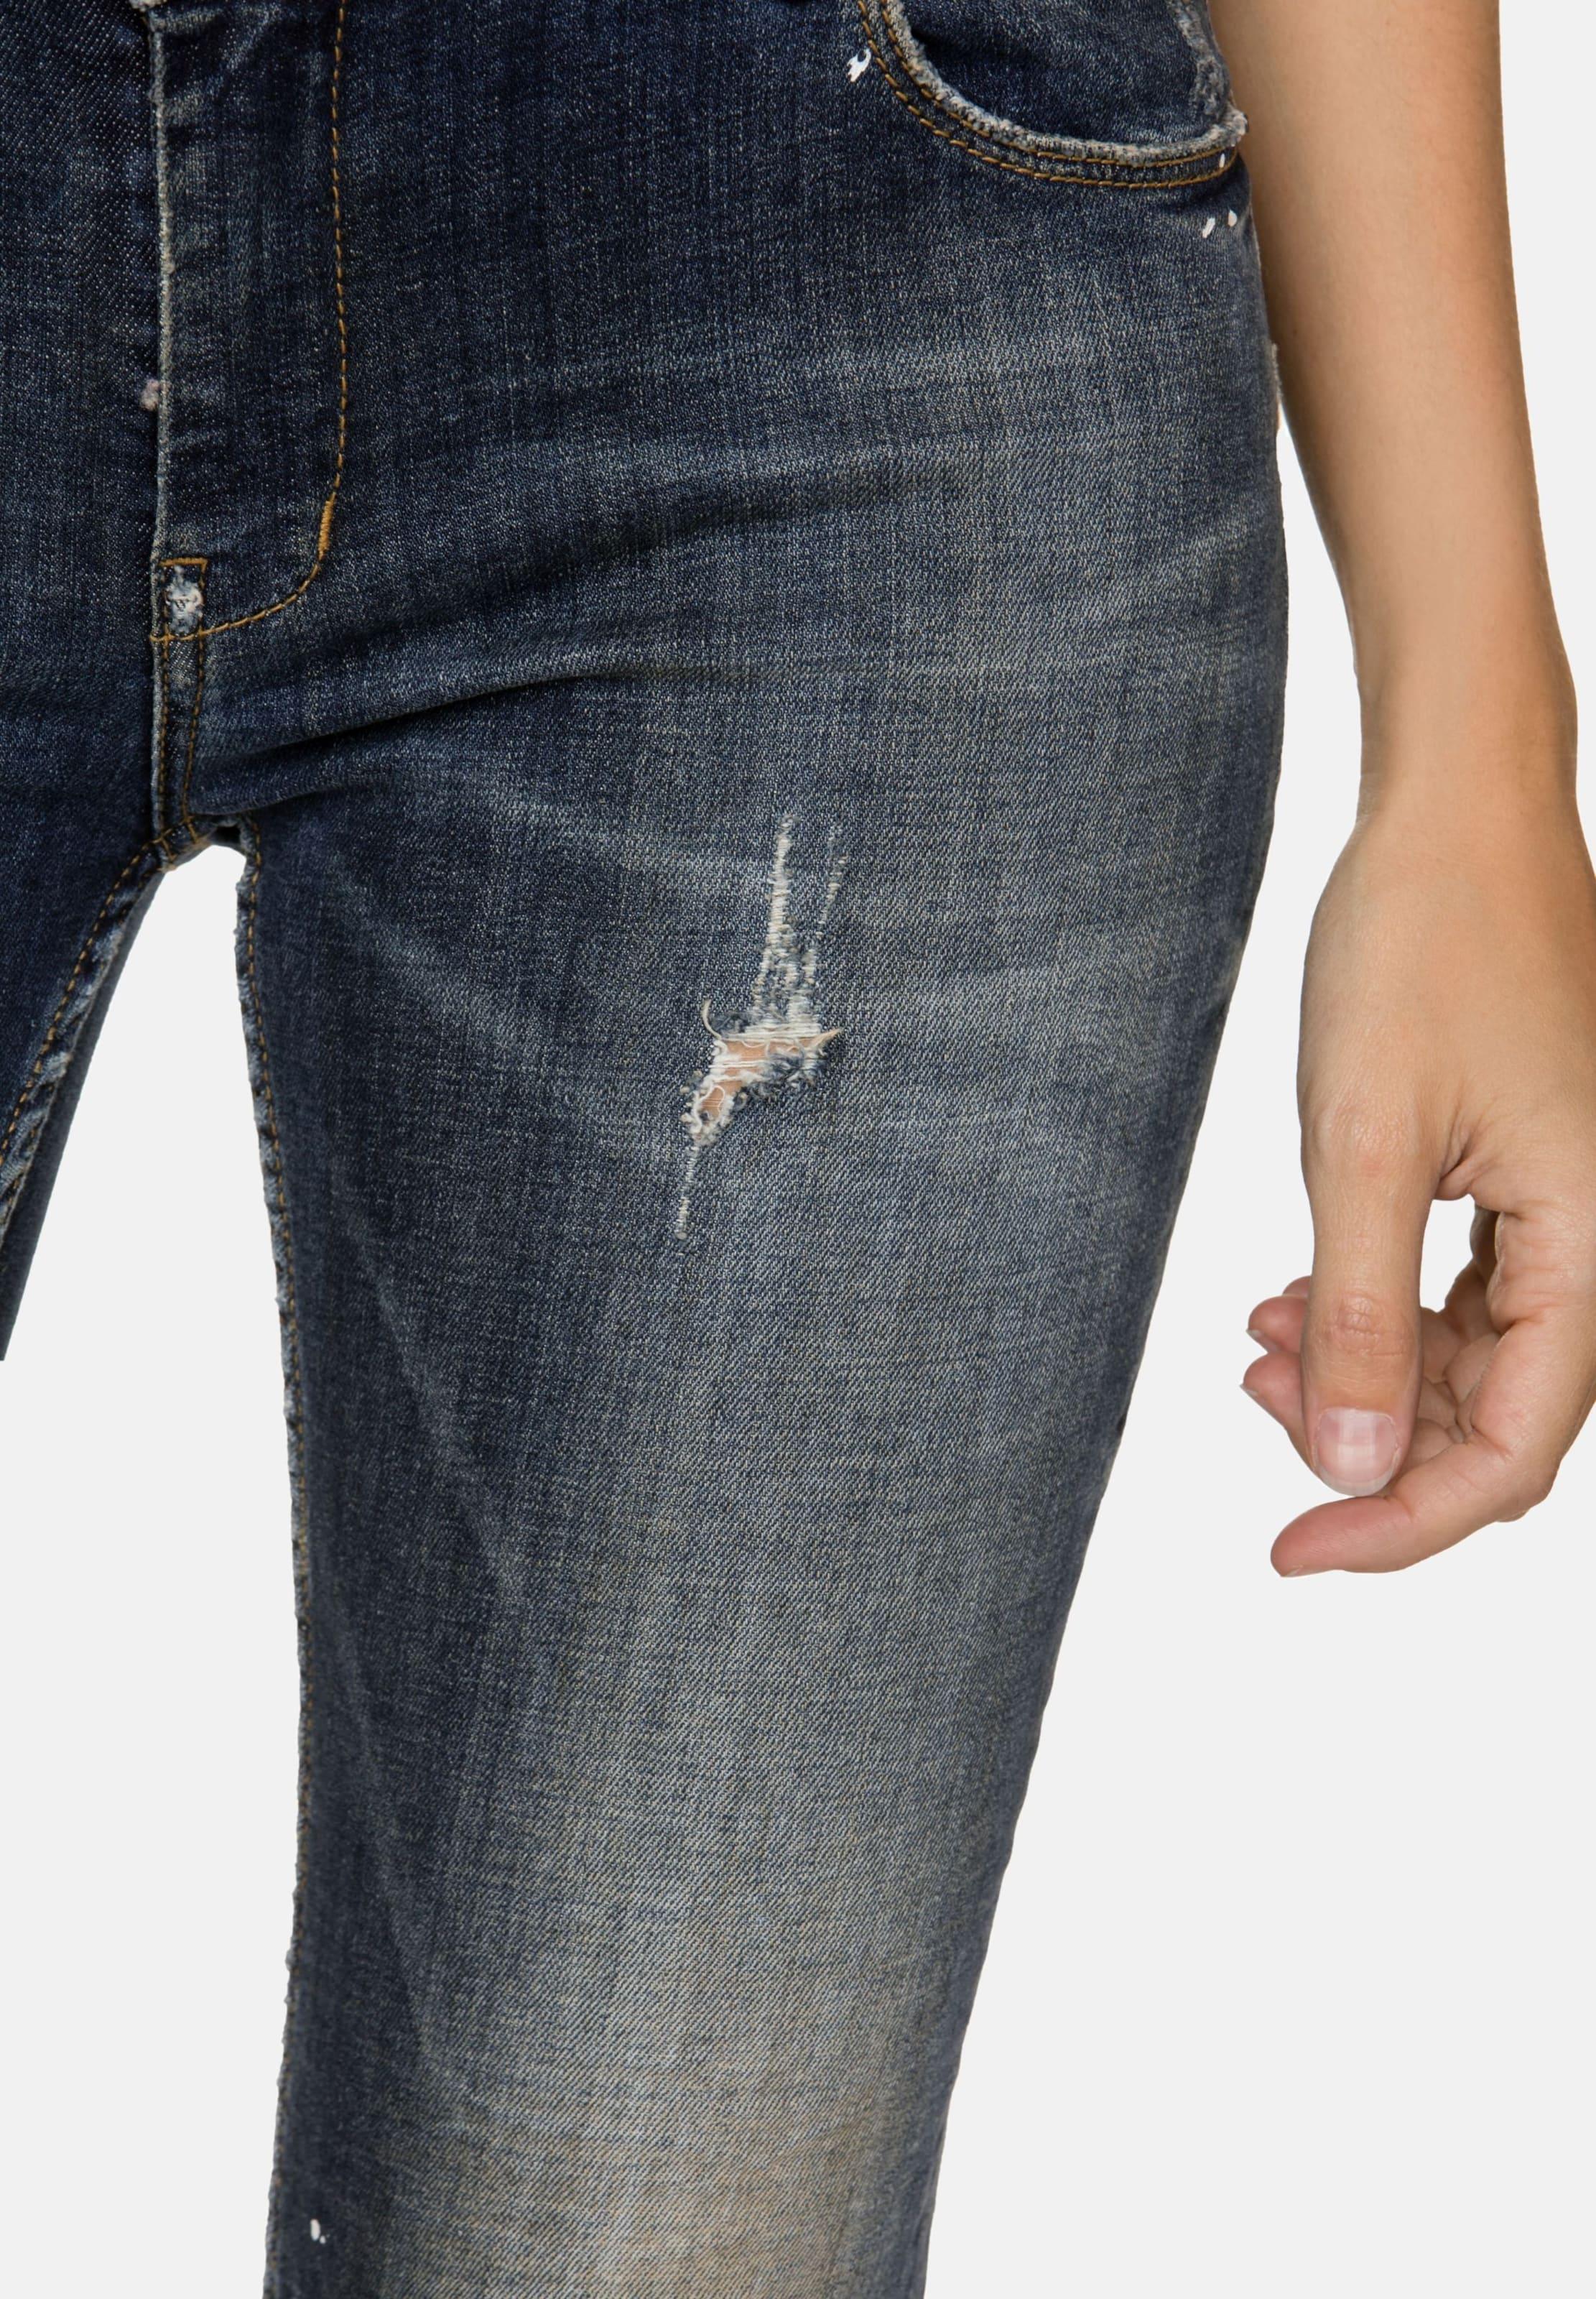 In Jeans Dunkelblau In Stockerpoint Stockerpoint Dunkelblau Jeans Jeans Stockerpoint EWD2HI9